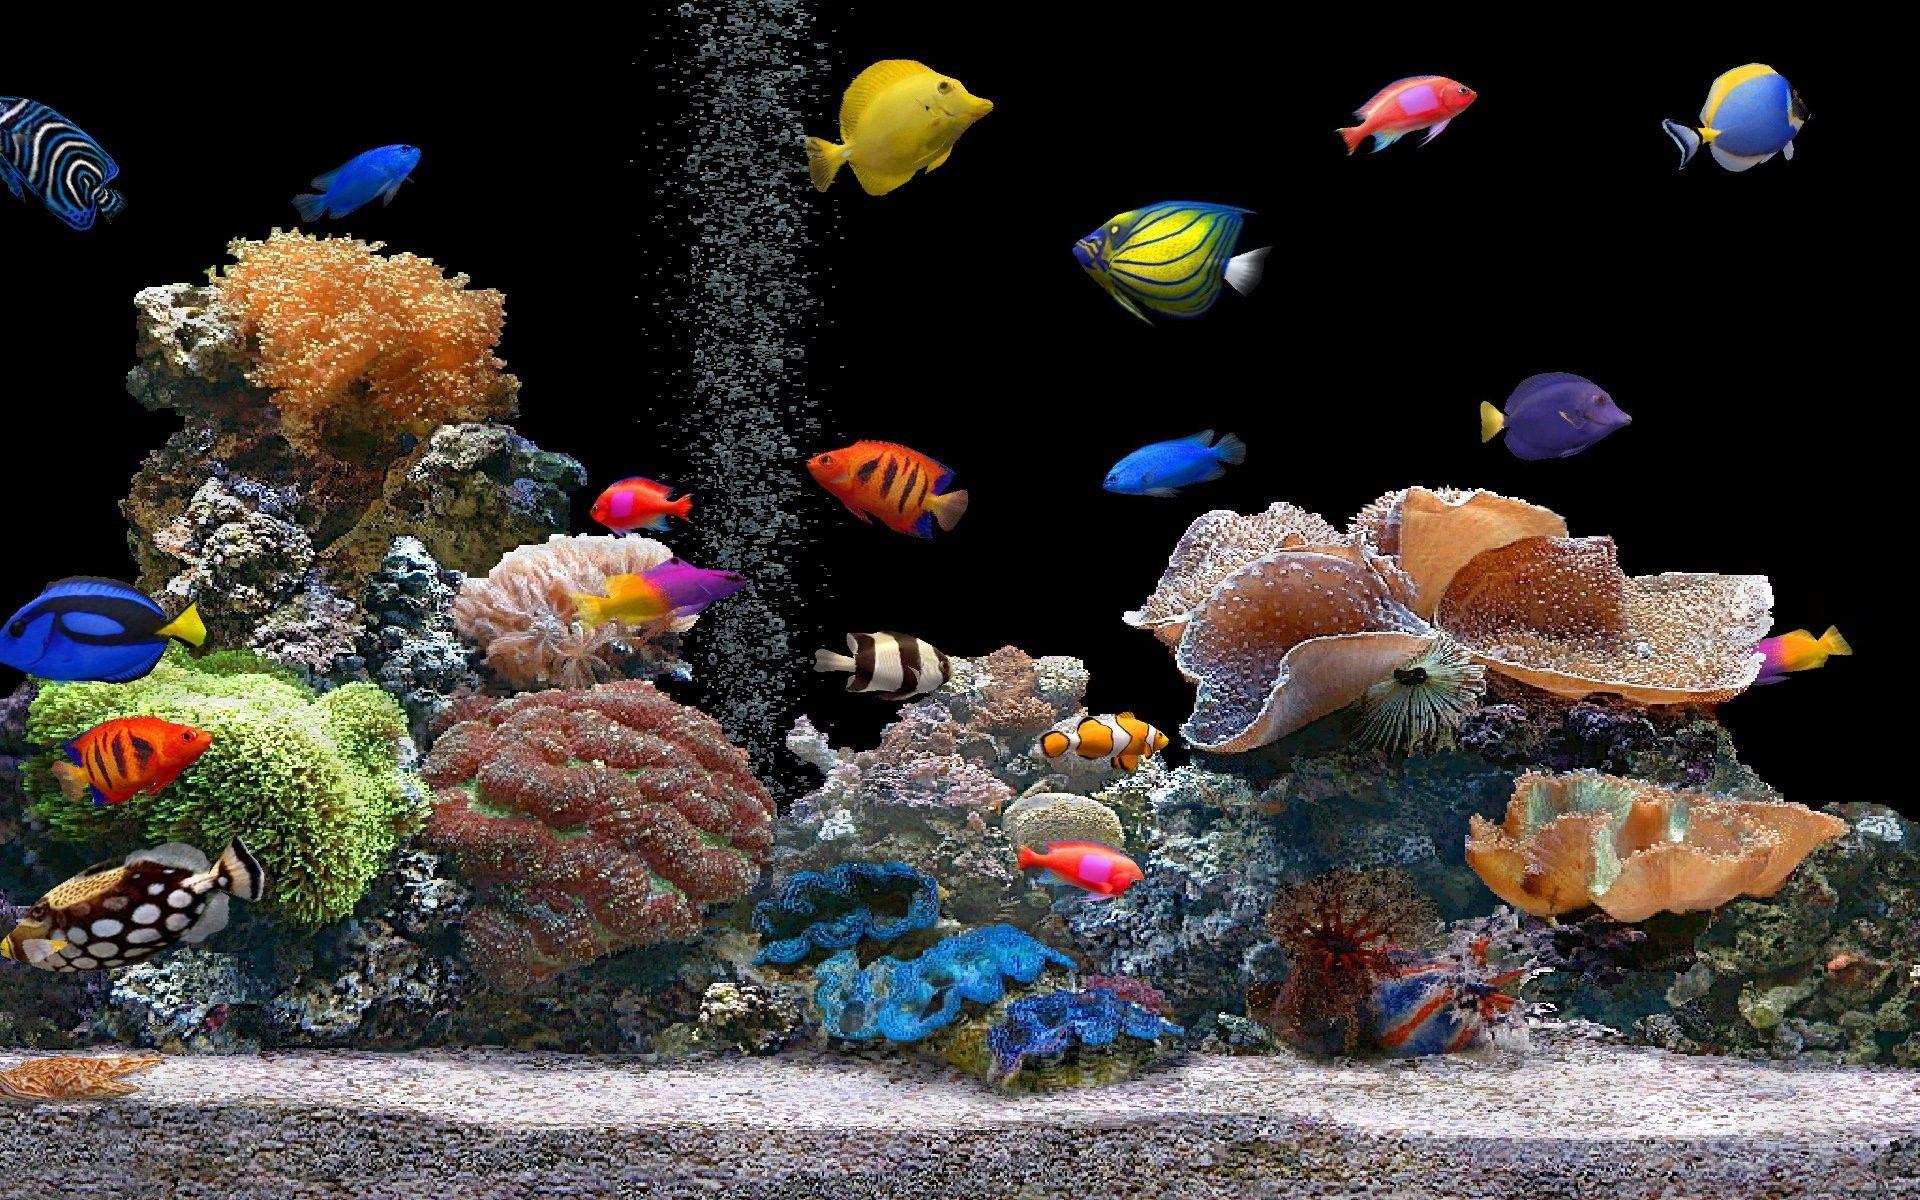 52634 Заставки и Обои Рыбы на телефон. Скачать Подводный Мир, Кораллы, Рыбы, Животные, Разноцветный картинки бесплатно